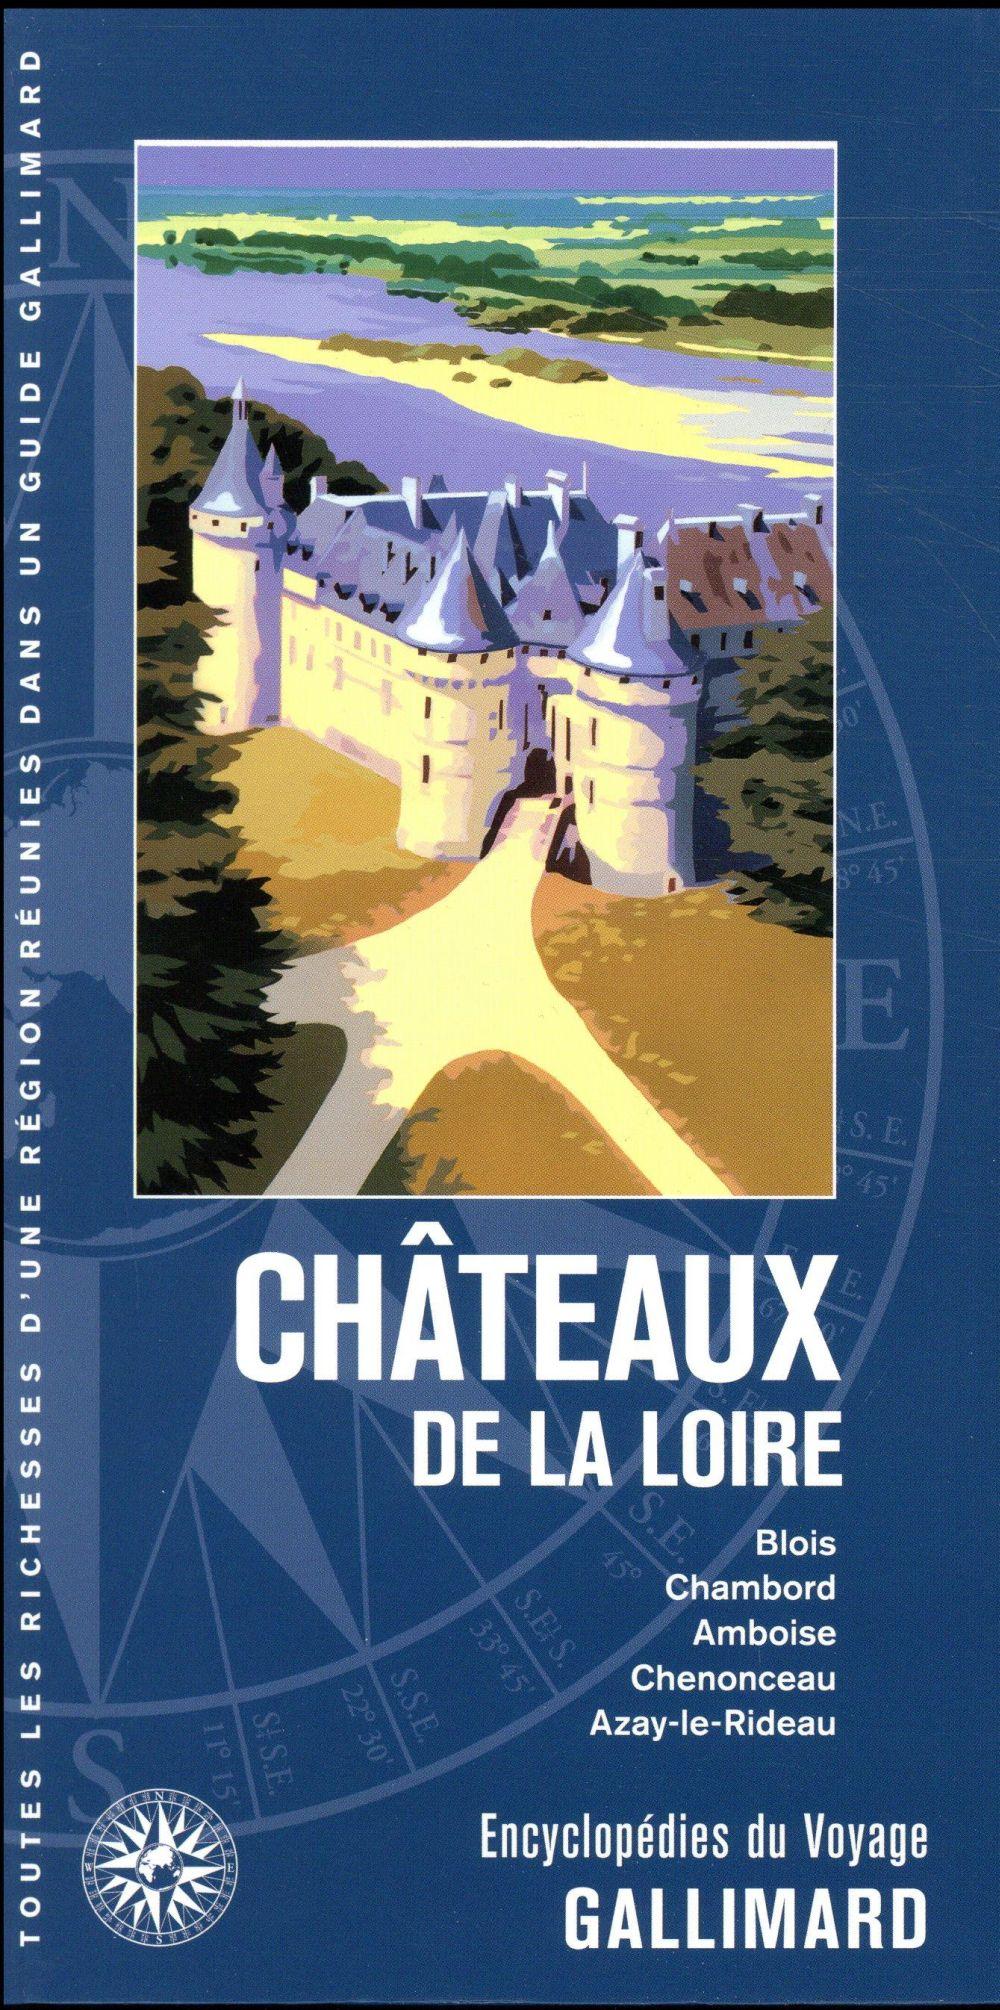 CHATEAUX DE LA LOIRE - BLOIS, CHAMBORD, AMBOISE, CHENONCEAU, AZAY-LE-RIDEAU